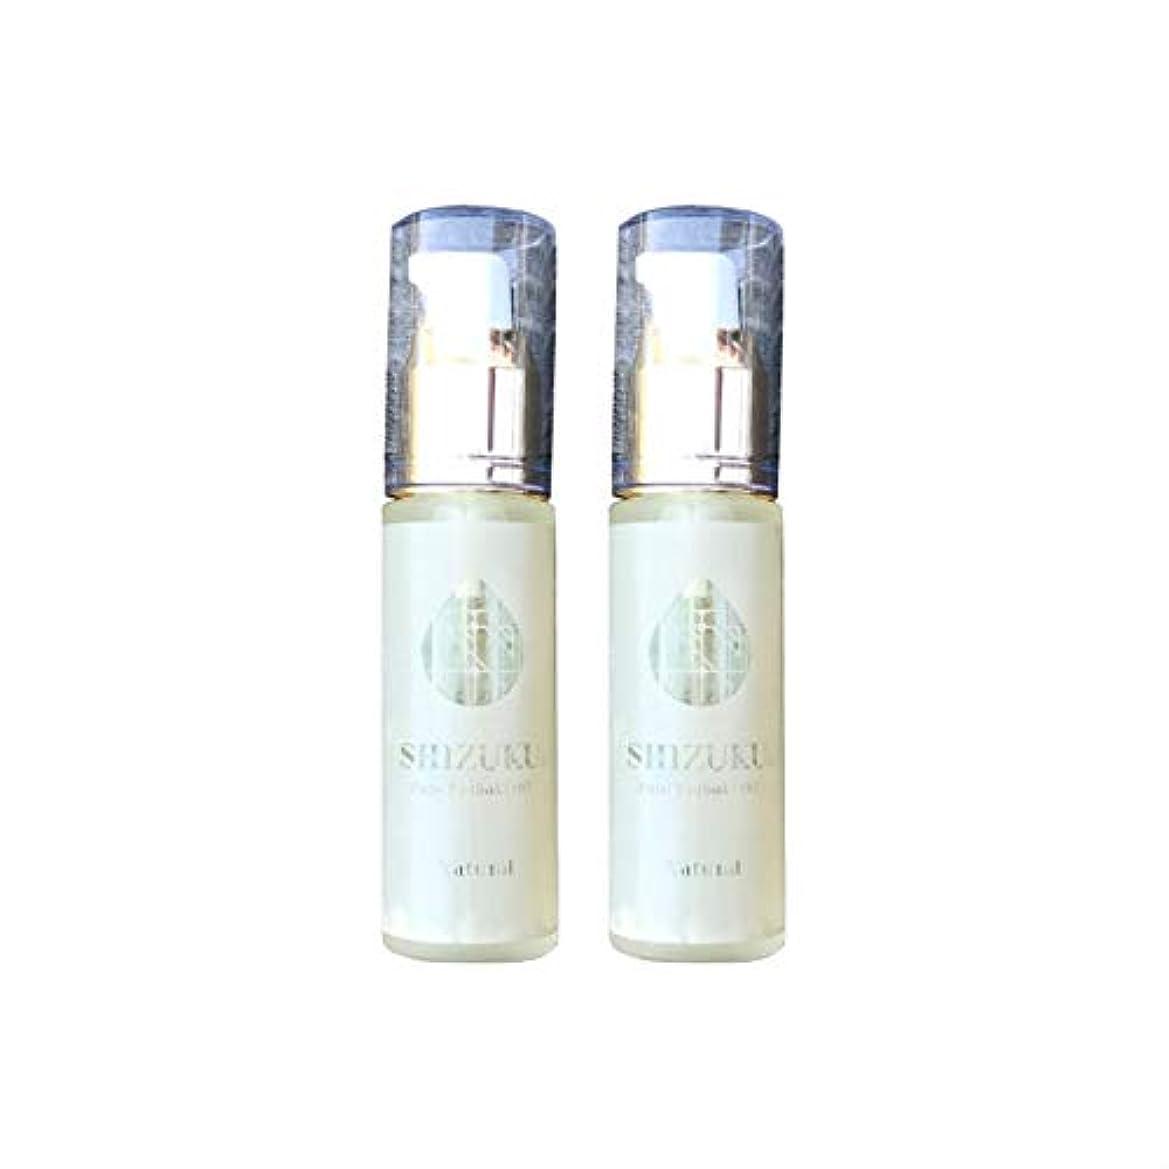 雫 椿オイル ナチュラル 30ml 五島列島 精製椿油 (ナチュラル(無香料)30ml, 2本)